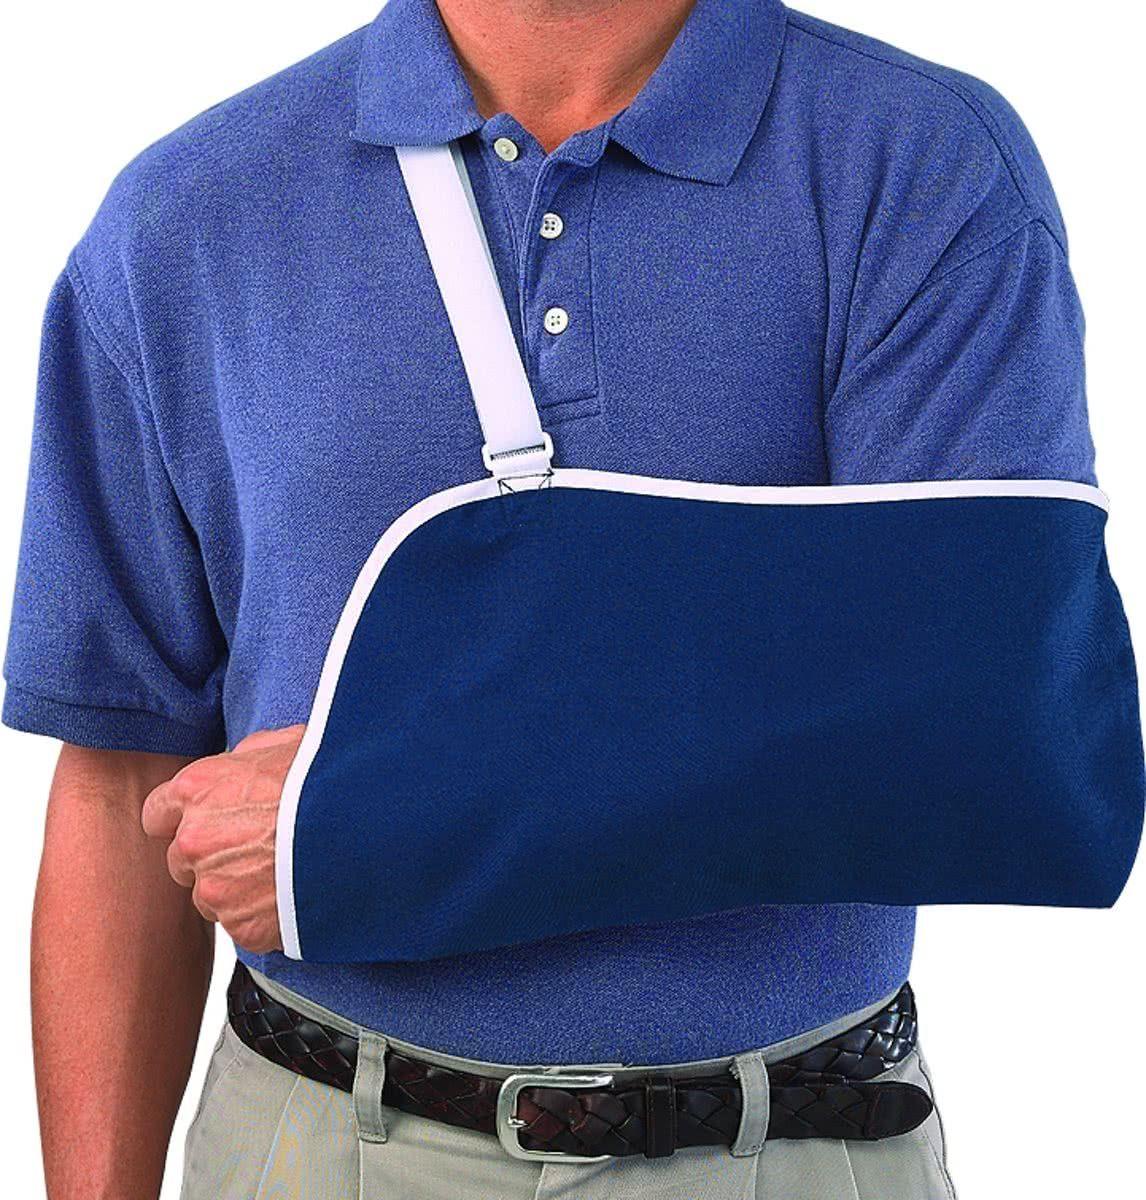 حامل الجبس الطبي مع مانع الحركة Ne06 وللتواصل لشراء وطلب المنت Arm Sling Rotator Cuff Surgery Rotator Cuff